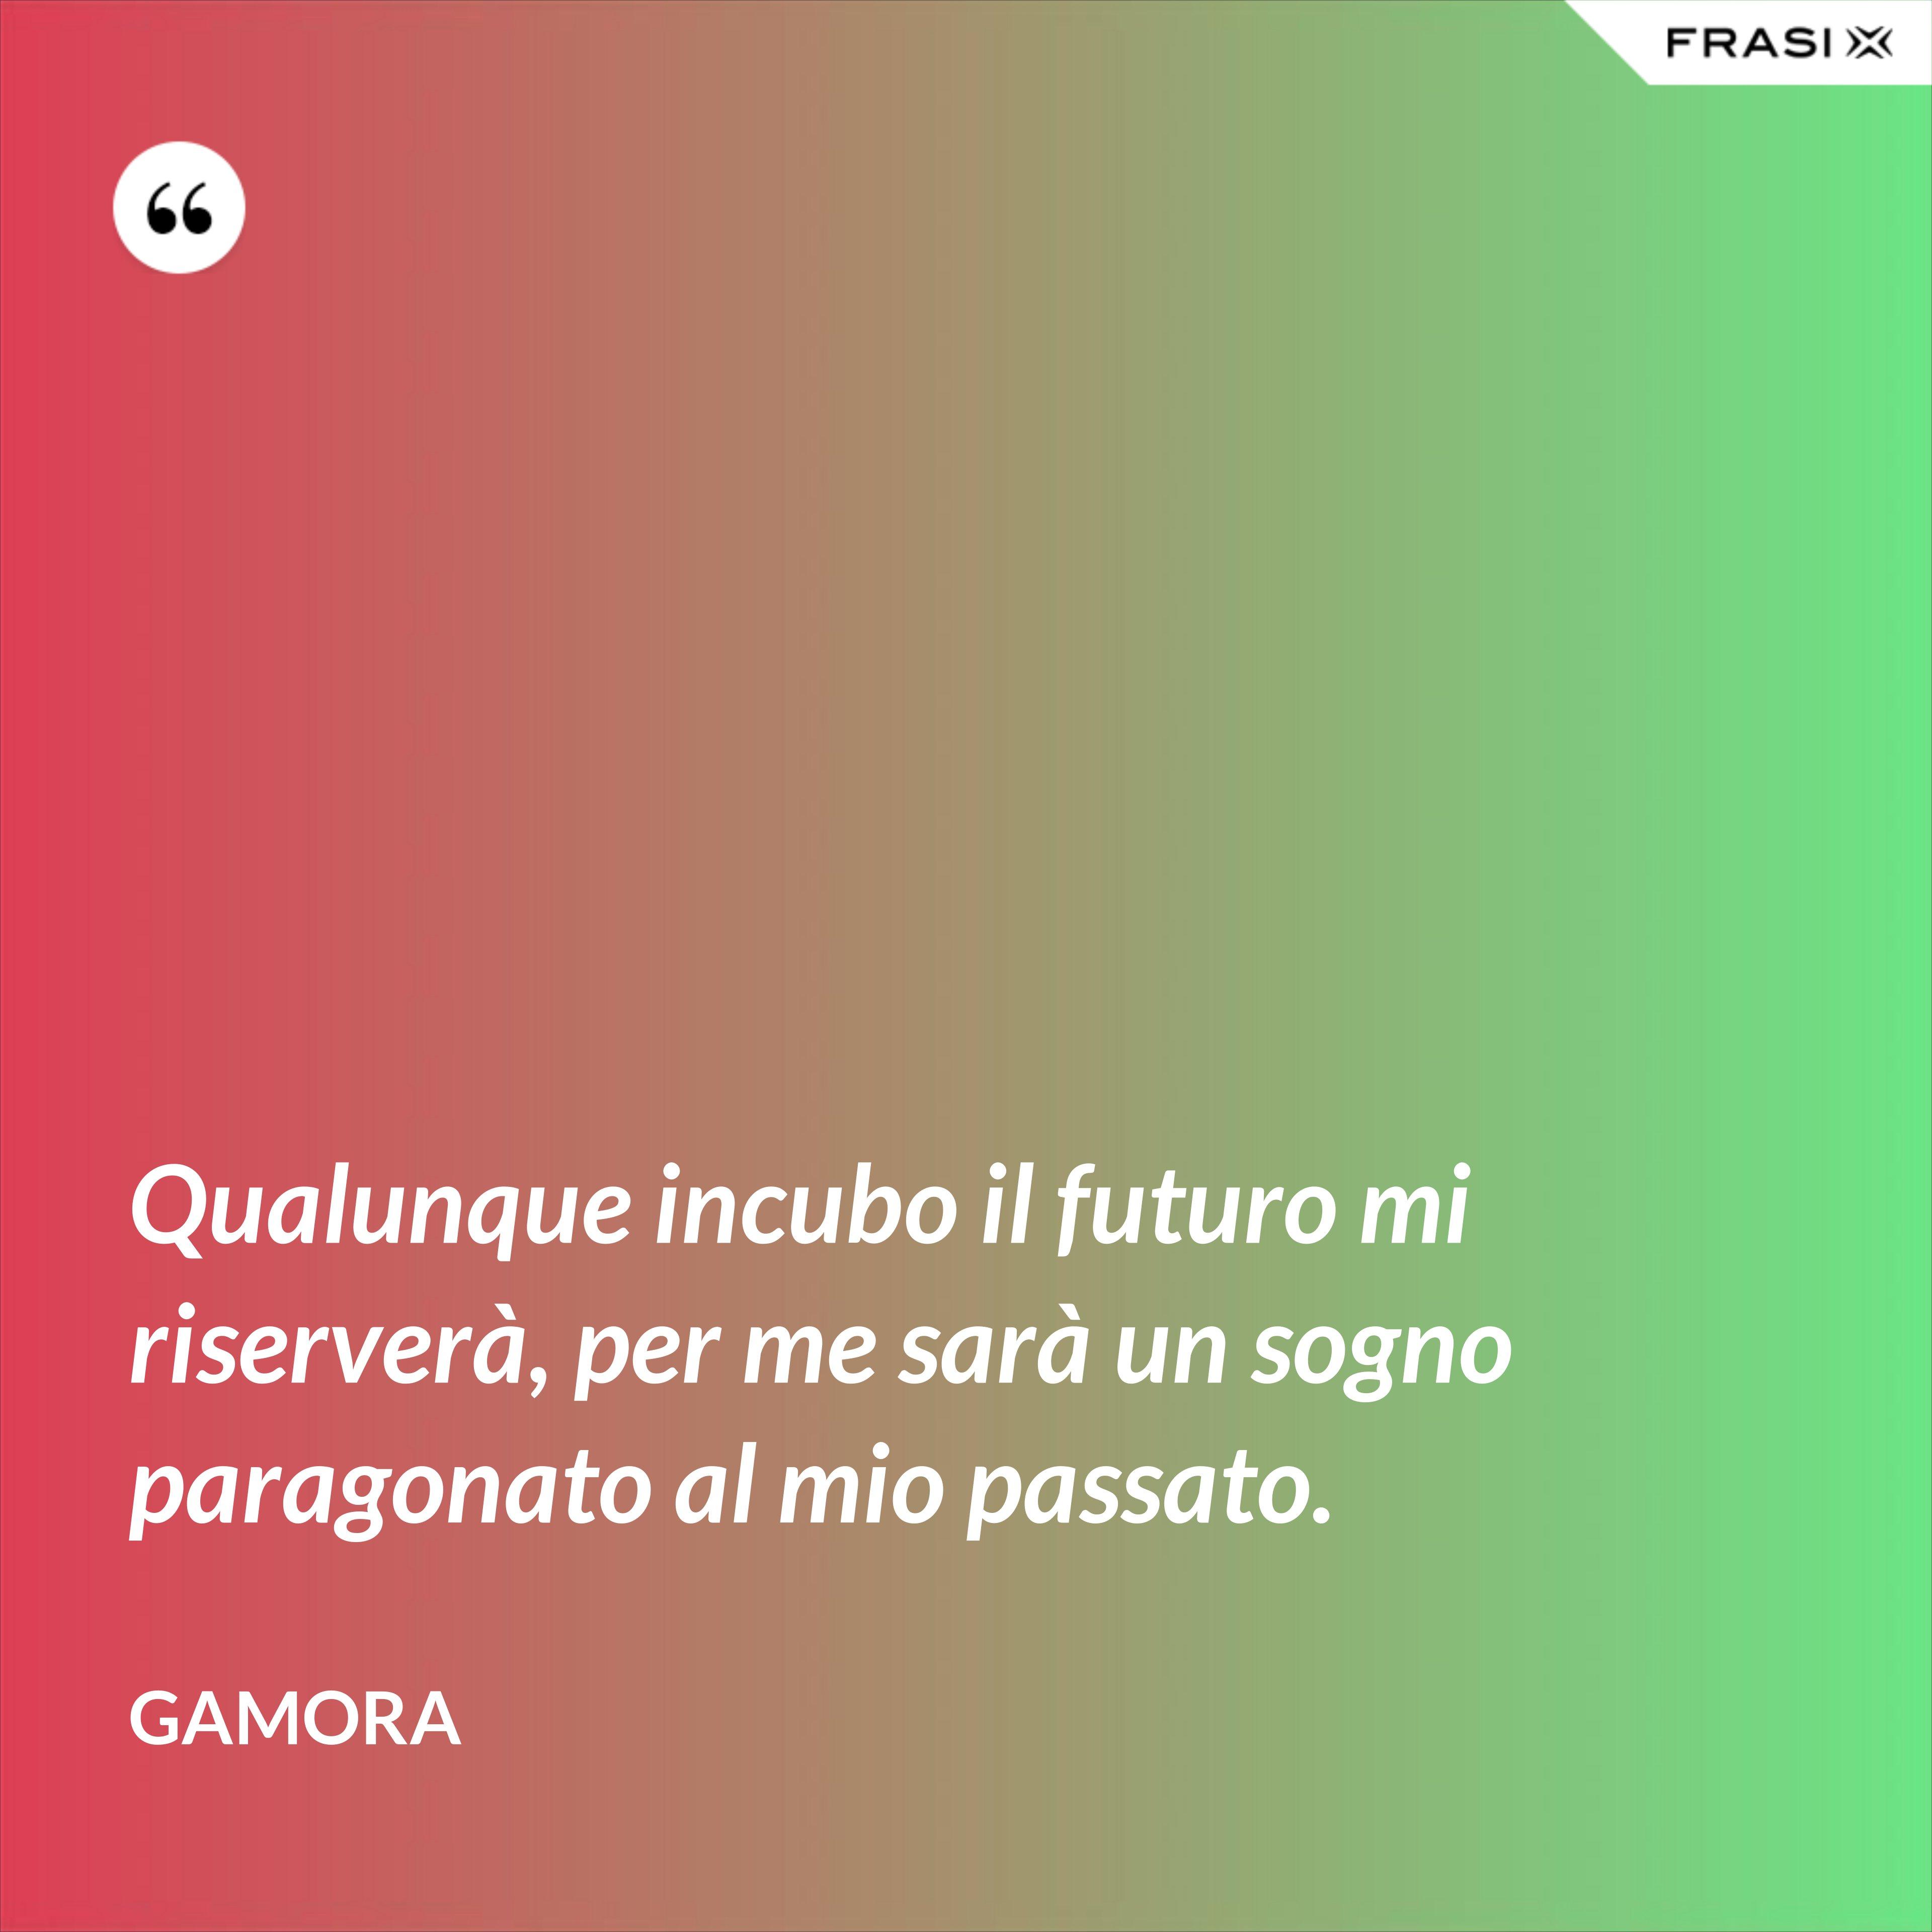 Qualunque incubo il futuro mi riserverà, per me sarà un sogno paragonato al mio passato. - Gamora